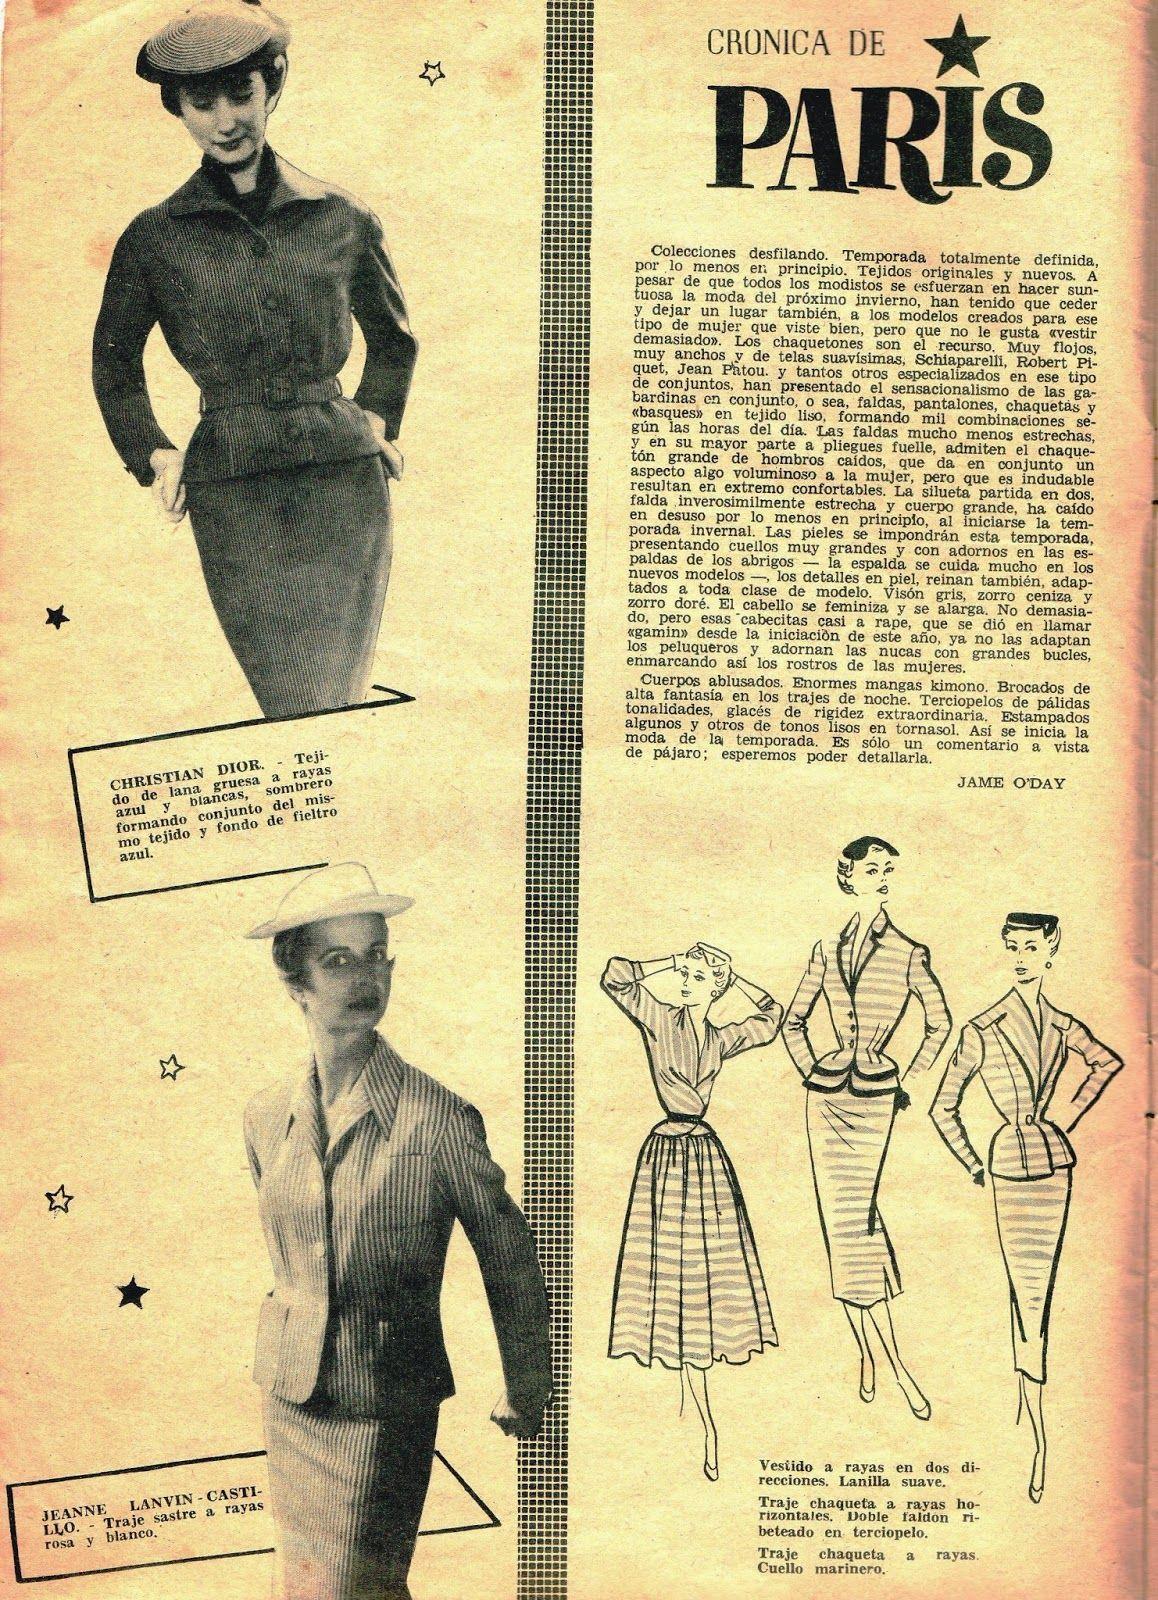 Historia de la Moda y los Tejidos: Siglo XVII. Traje de